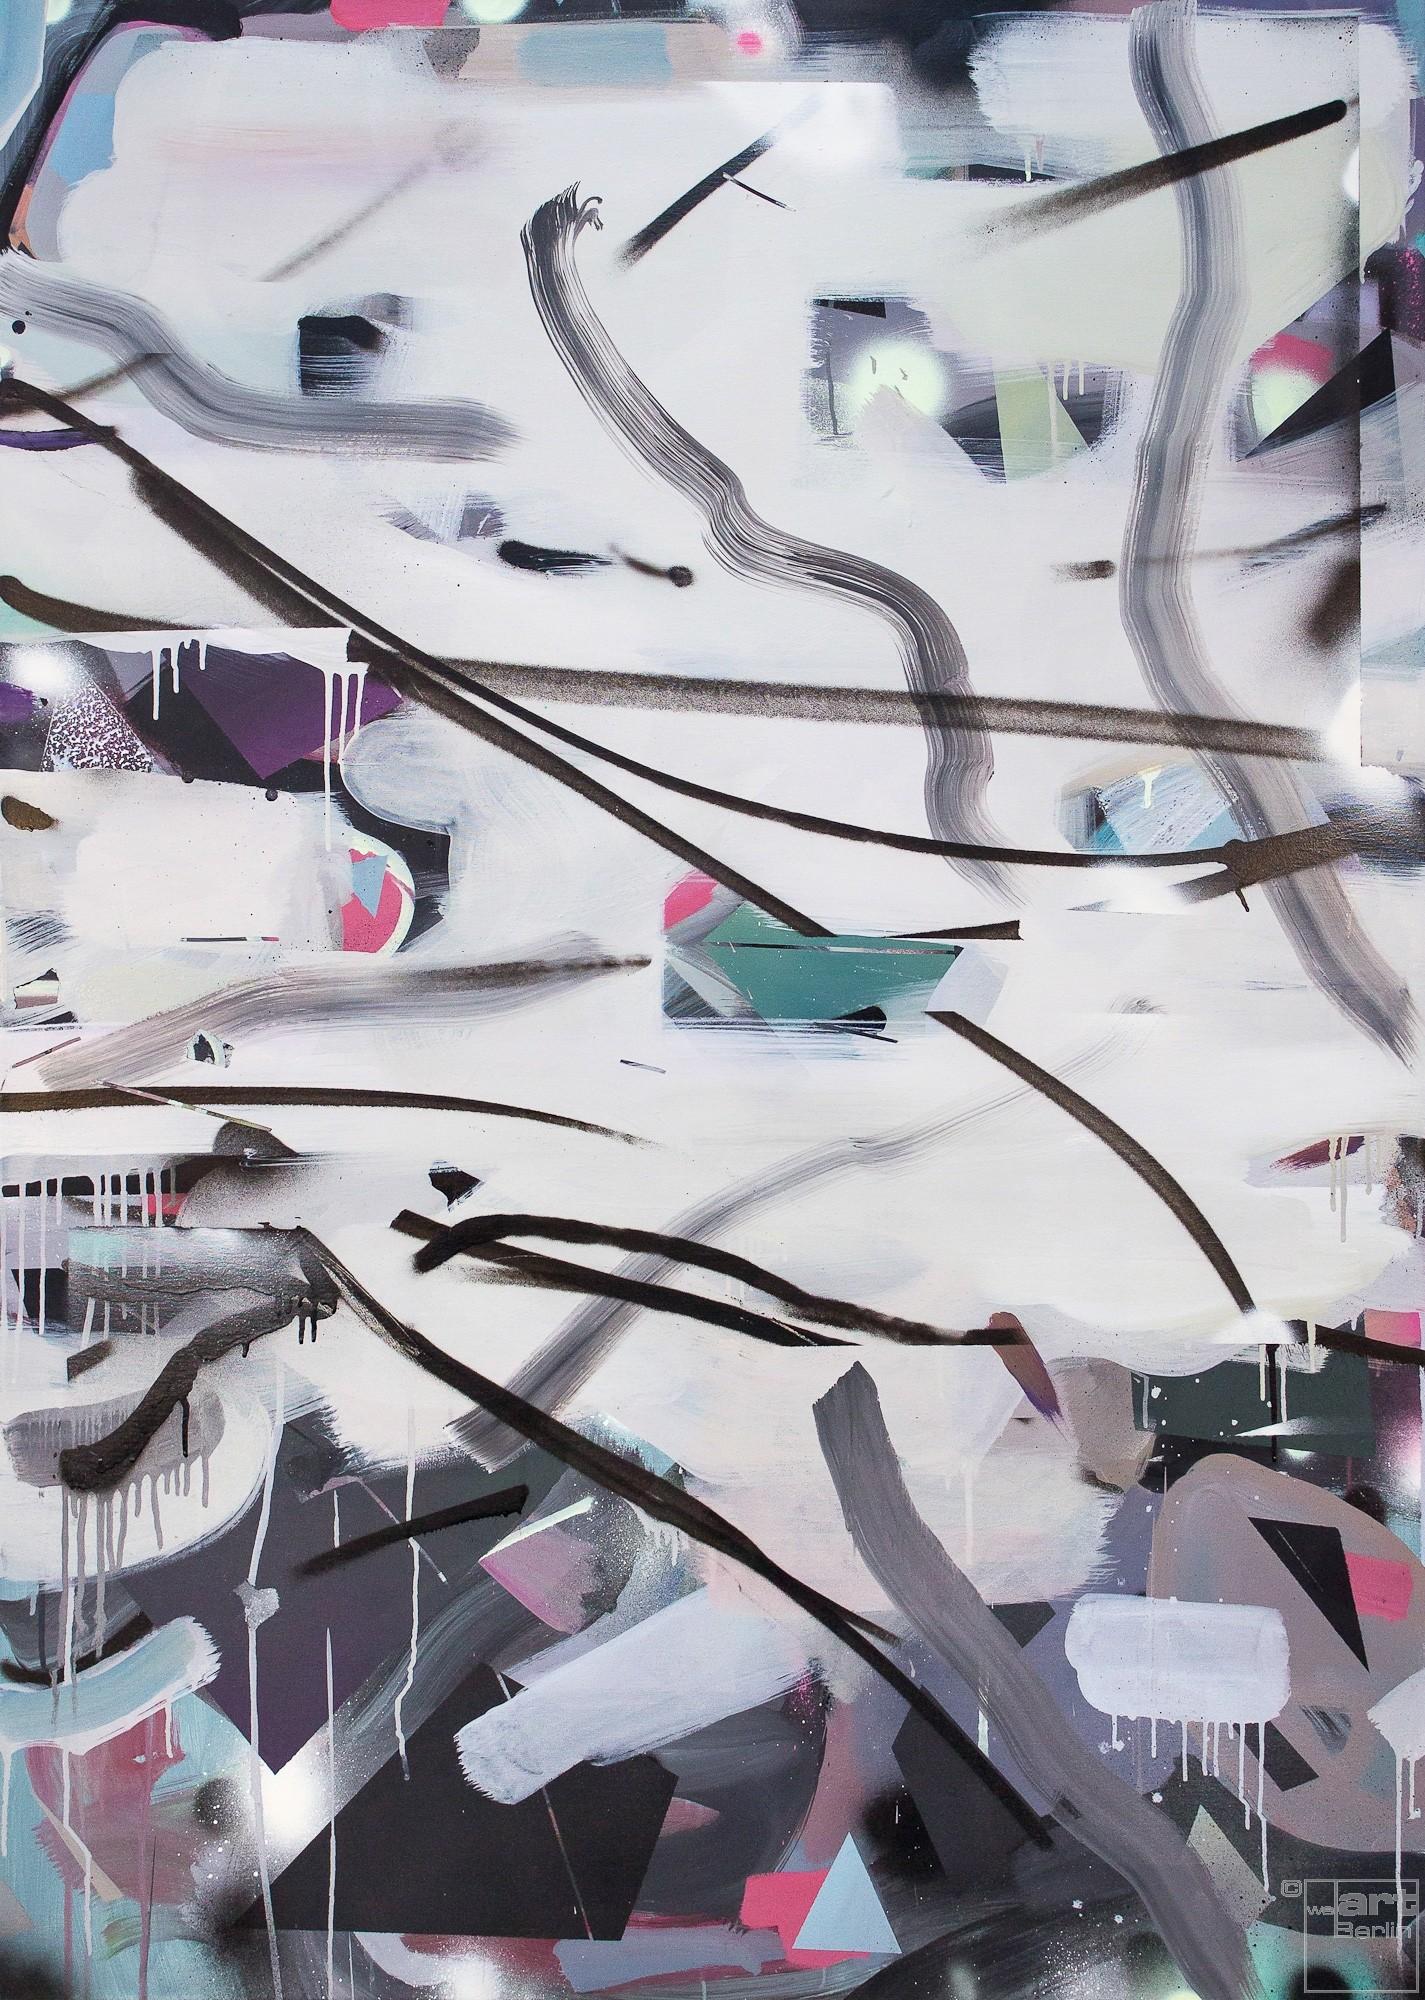 O.T. 08, Malerei von Malwin Faber, Öl, Acryl und Sprühfarbe auf Leinwand